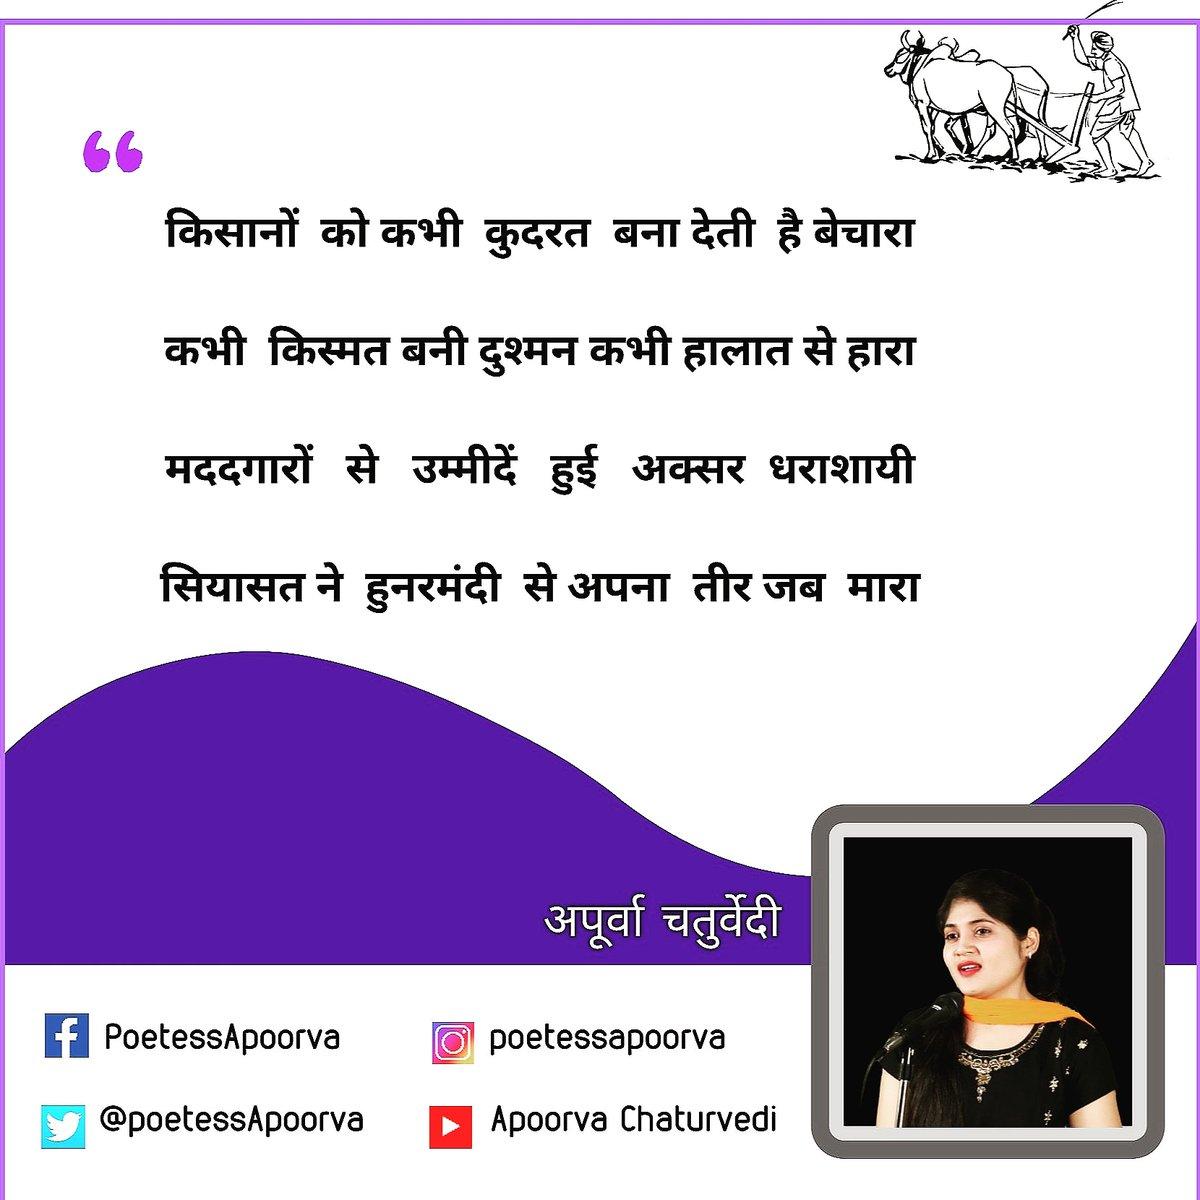 किसानों  को कभी  कुदरत  बना देती  है बेचारा कभी  किस्मत बनी दुश्मन कभी हालात से हारा मददगारों   से   उम्मीदें   हुई   अक्सर  धराशायी सियासत ने  हुनरमंदी  से अपना  तीर  जब मारा ©अपूर्वा चतुर्वेदी  #poetess #ApoorvaChaturvedi #letest #Hindi #poetry #kavita #shayri #farmer #Protest https://t.co/RdMi7piSQw